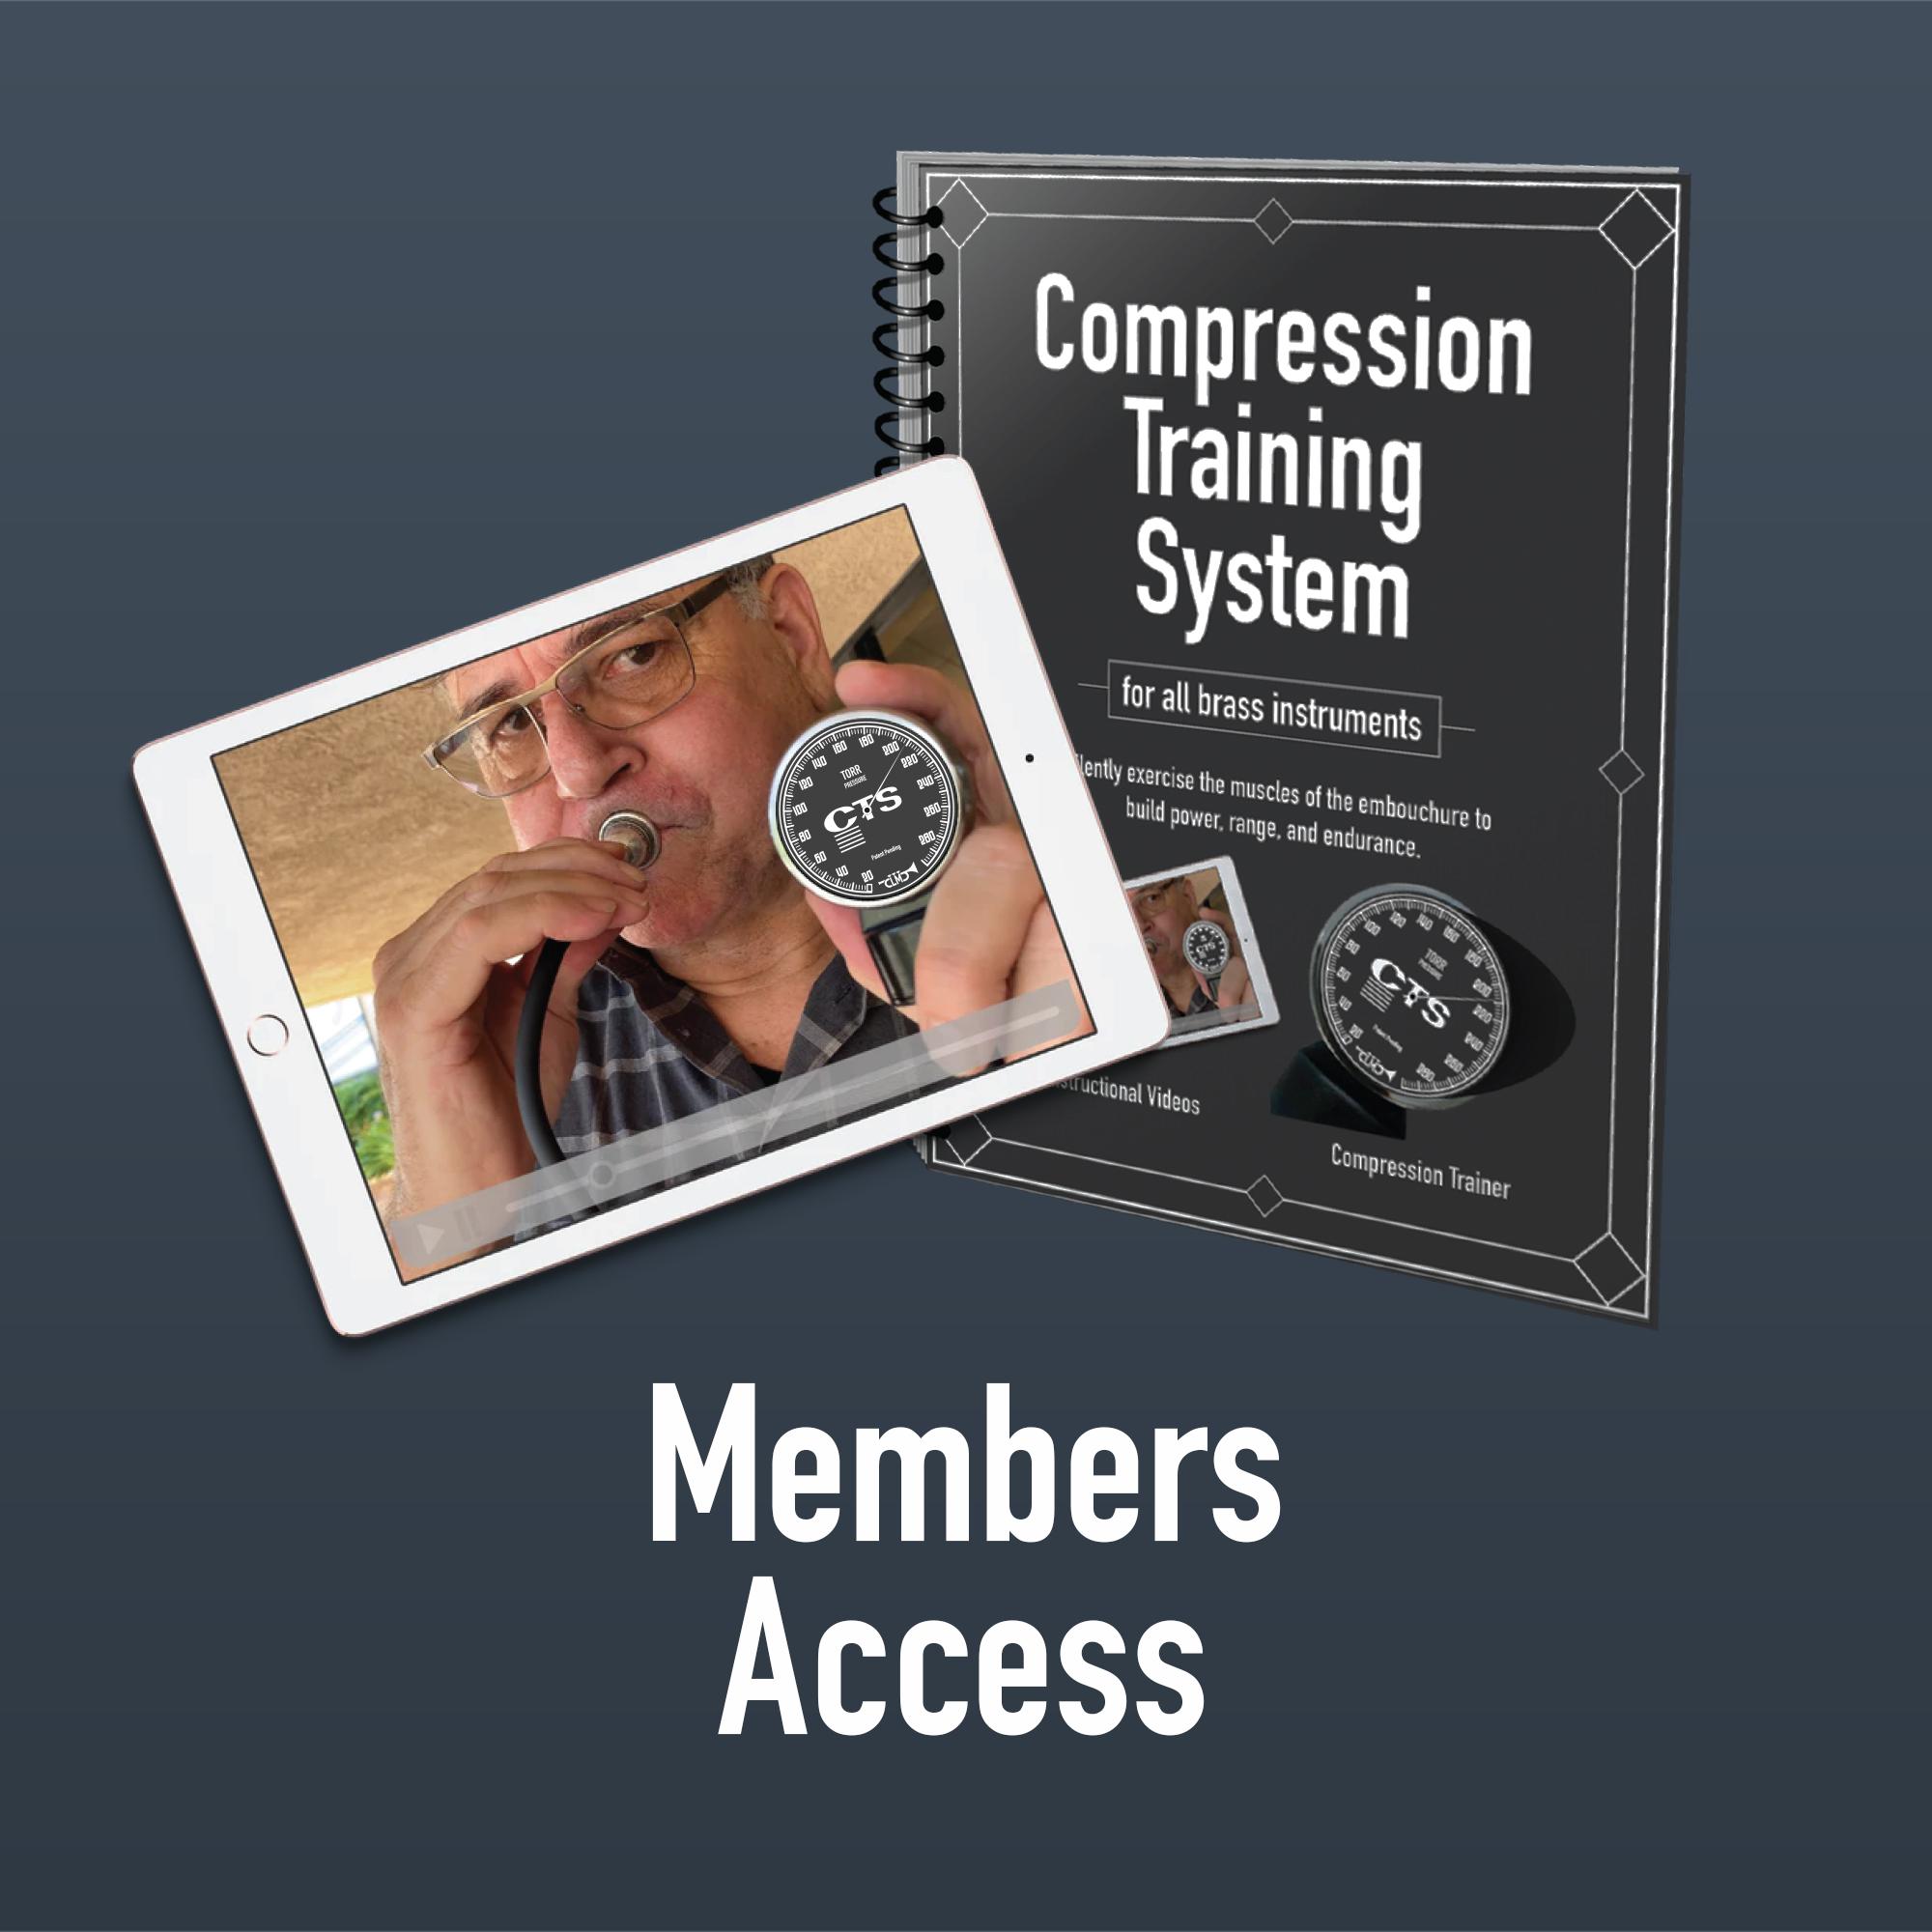 Members Access